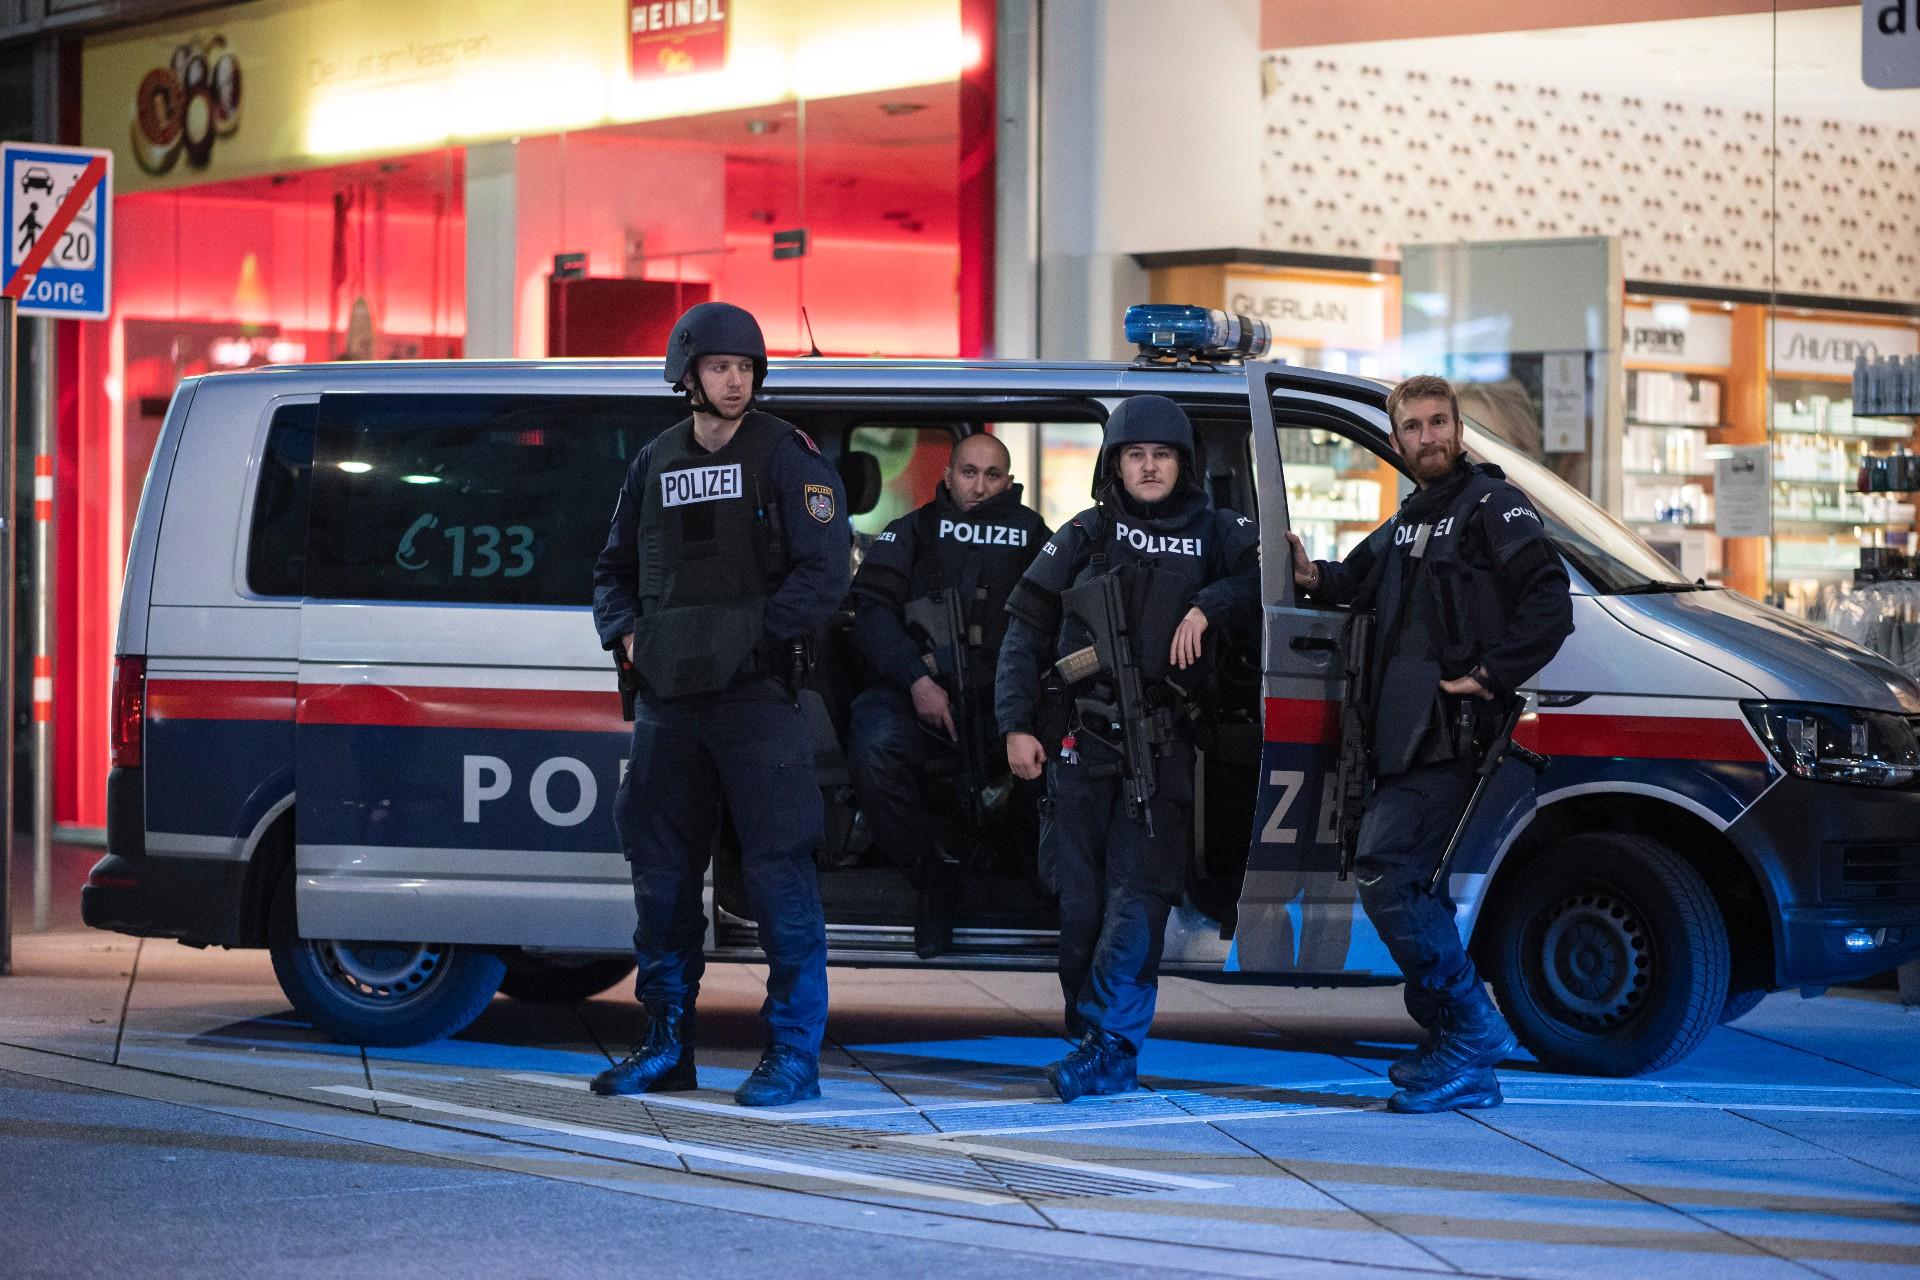 Ausztria összes zsinagógáját bezárták a bécsi terrortámadás miatt